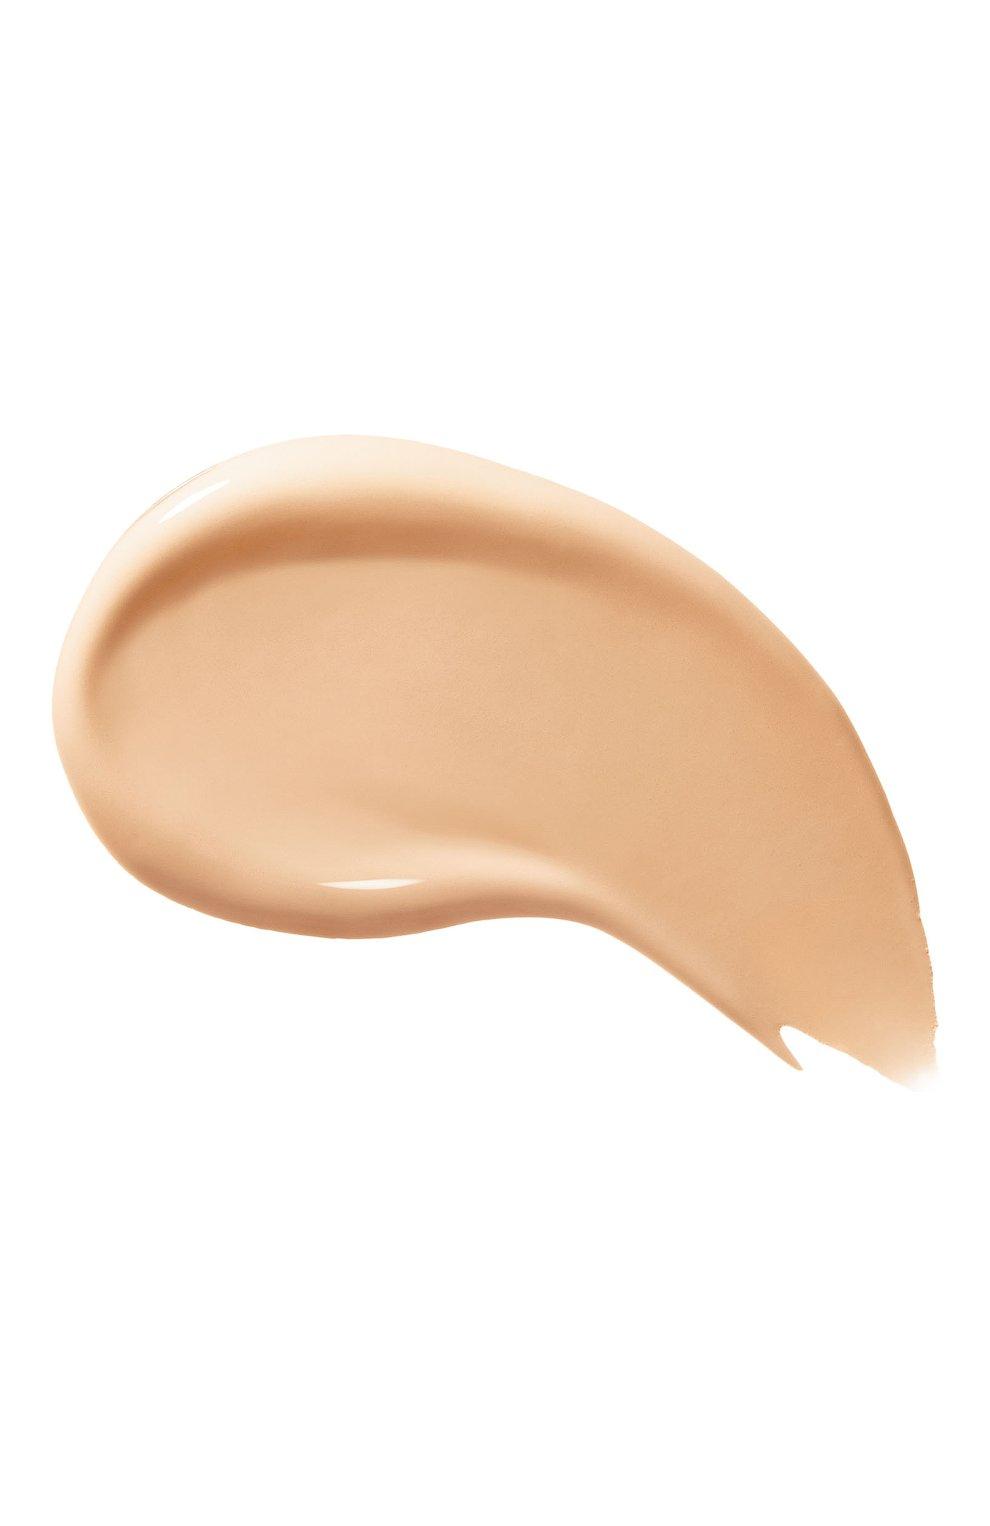 Тональное средство skin radiant lifting foundation spf 30, 140 porcelain SHISEIDO бесцветного цвета, арт. 16735SH | Фото 2